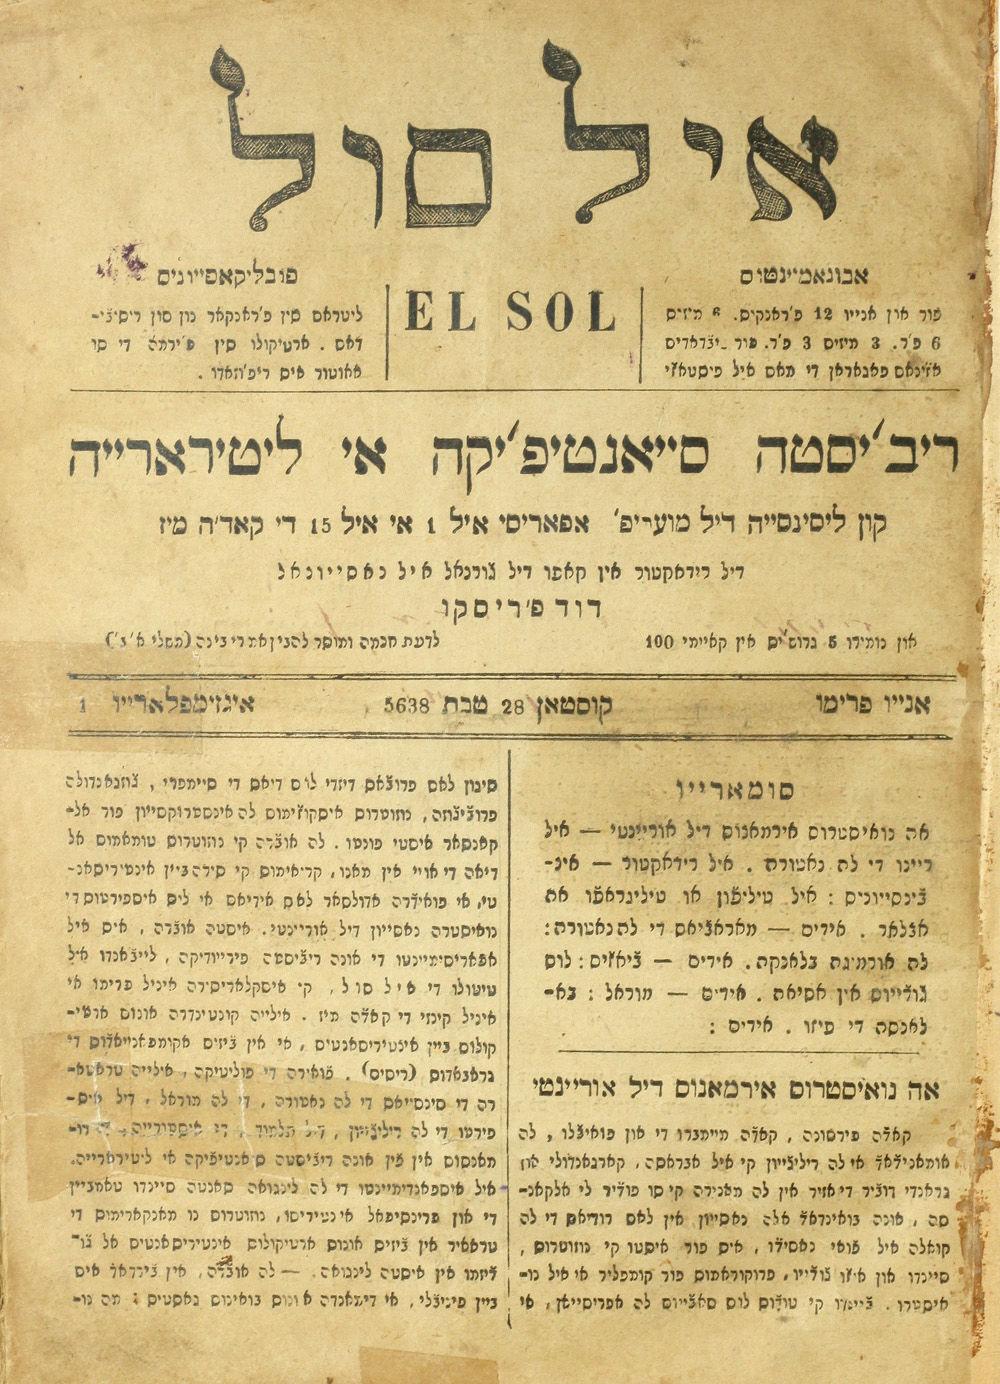 191201_Courtesy_ElSol_WEB.jpg